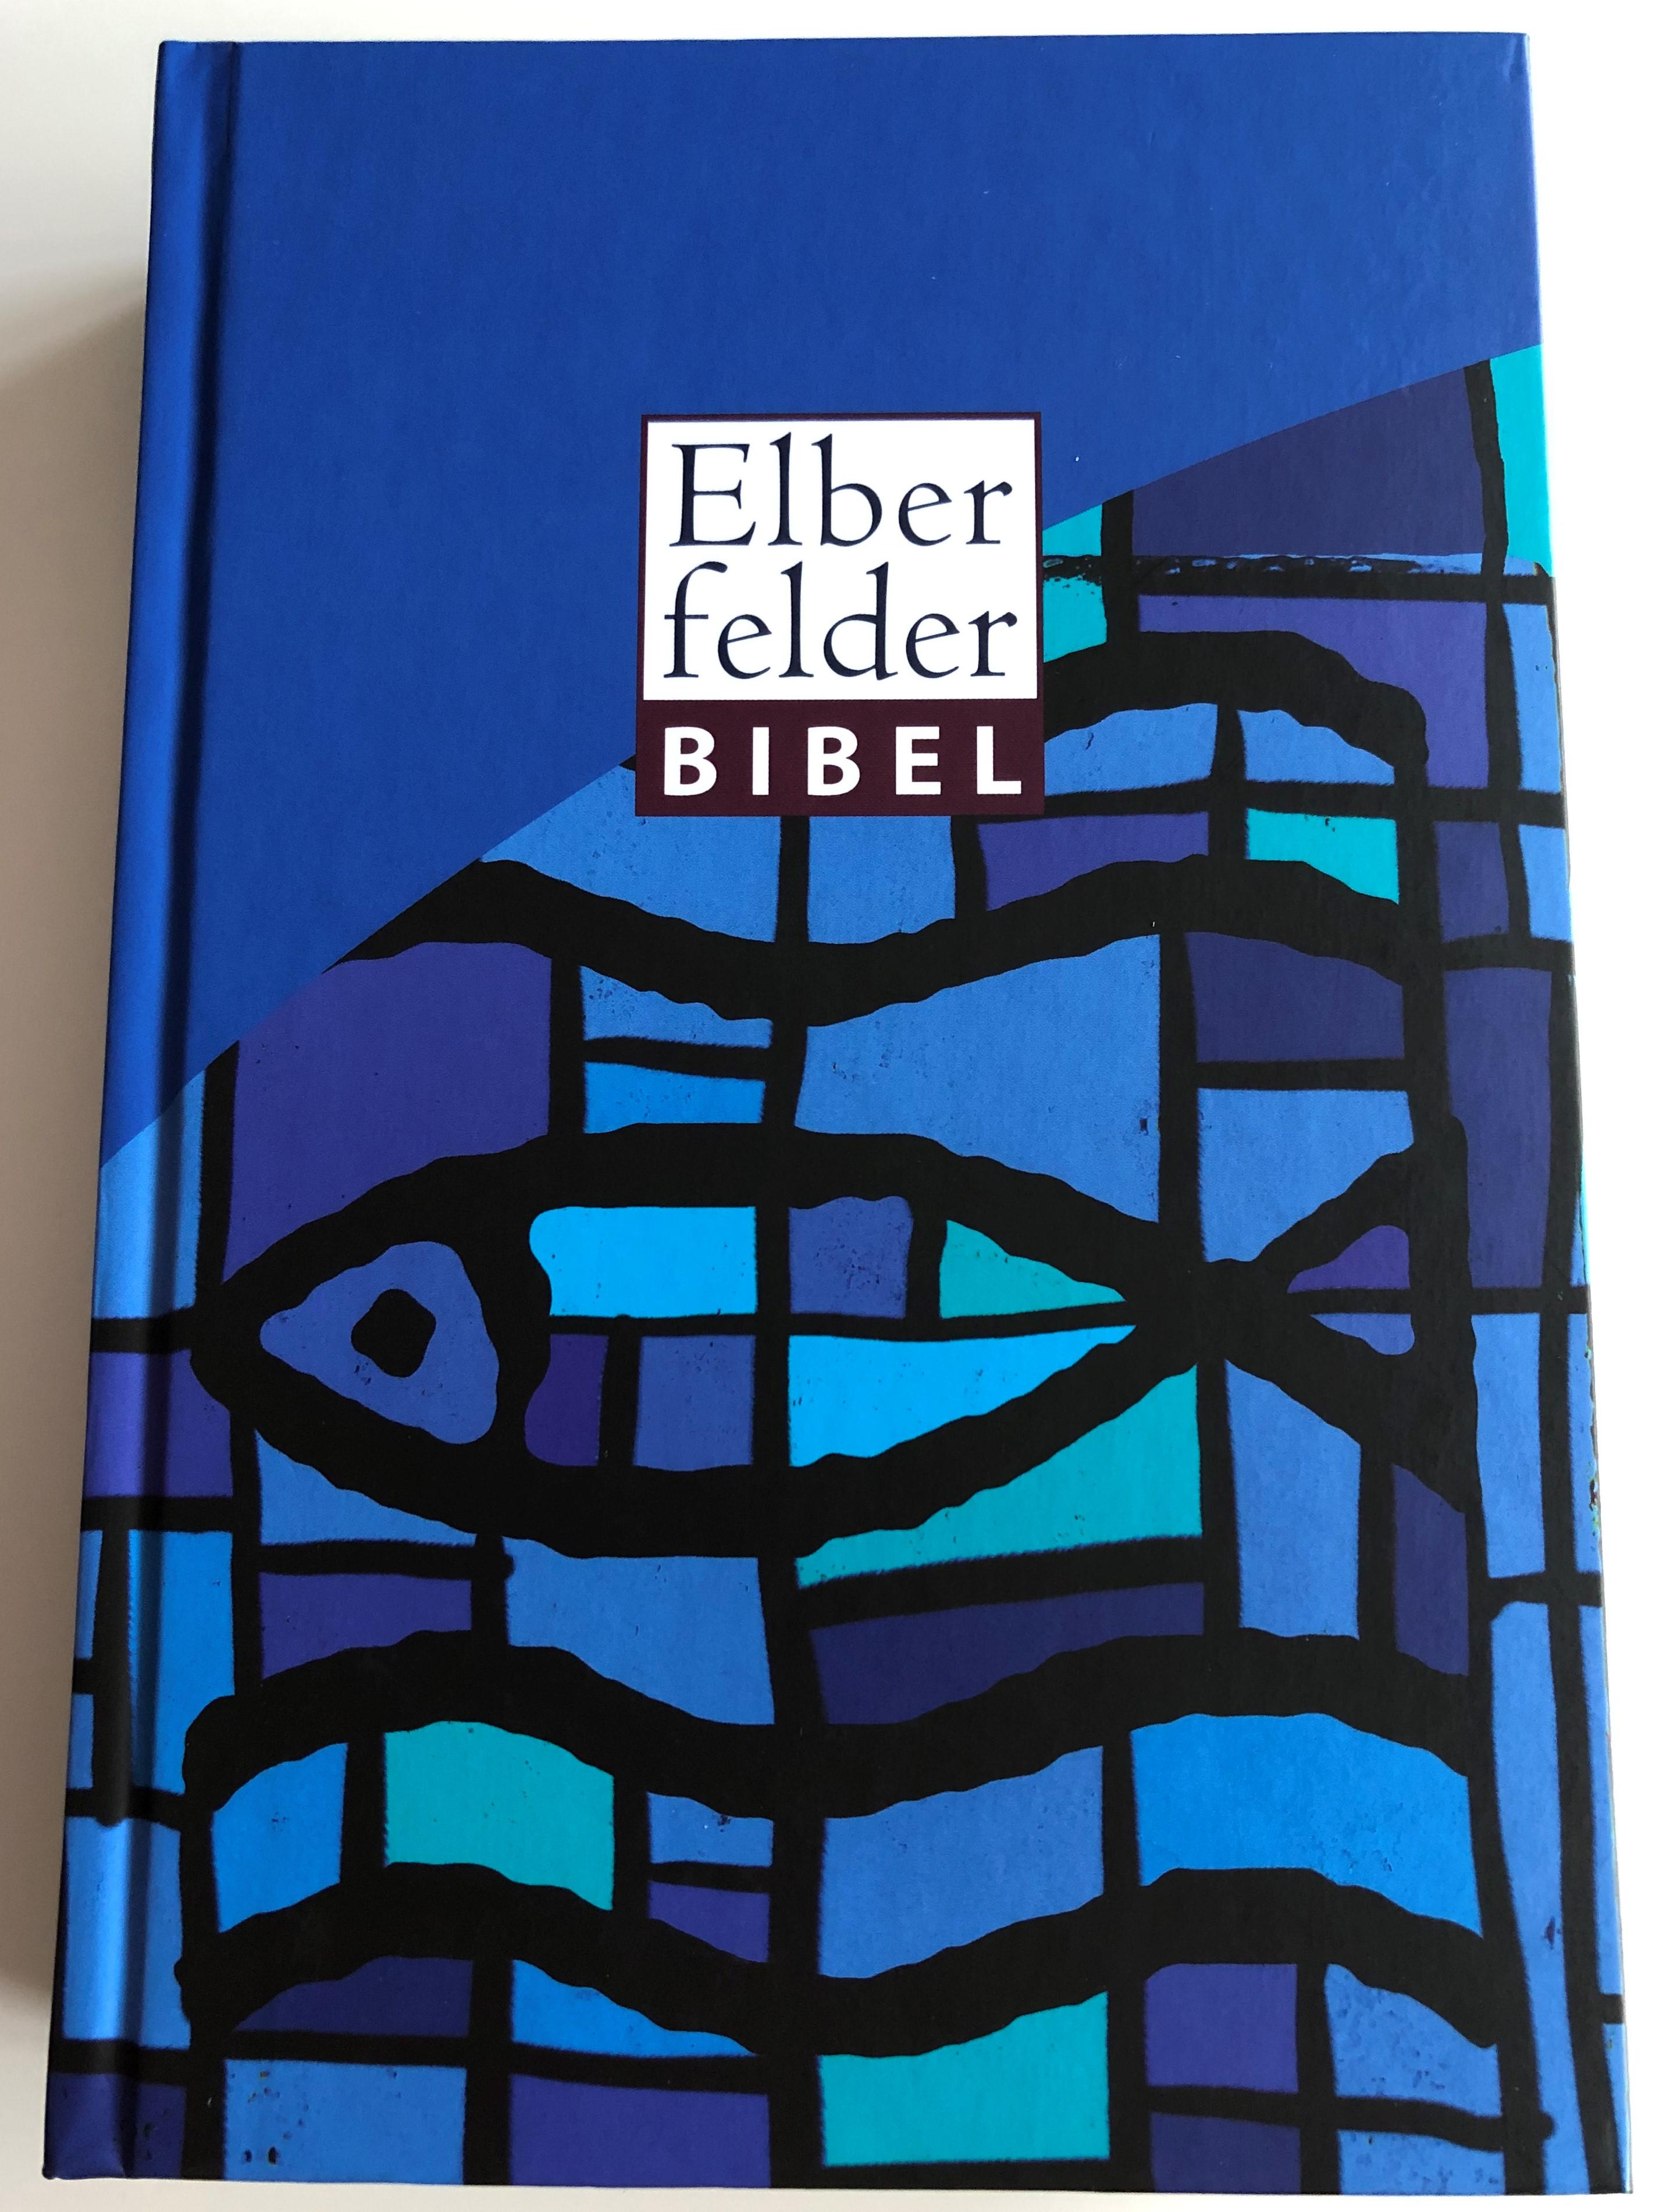 elberfelder-bibel-motiv-kirchenfenster-fisch-bible-in-german-language-1.jpg